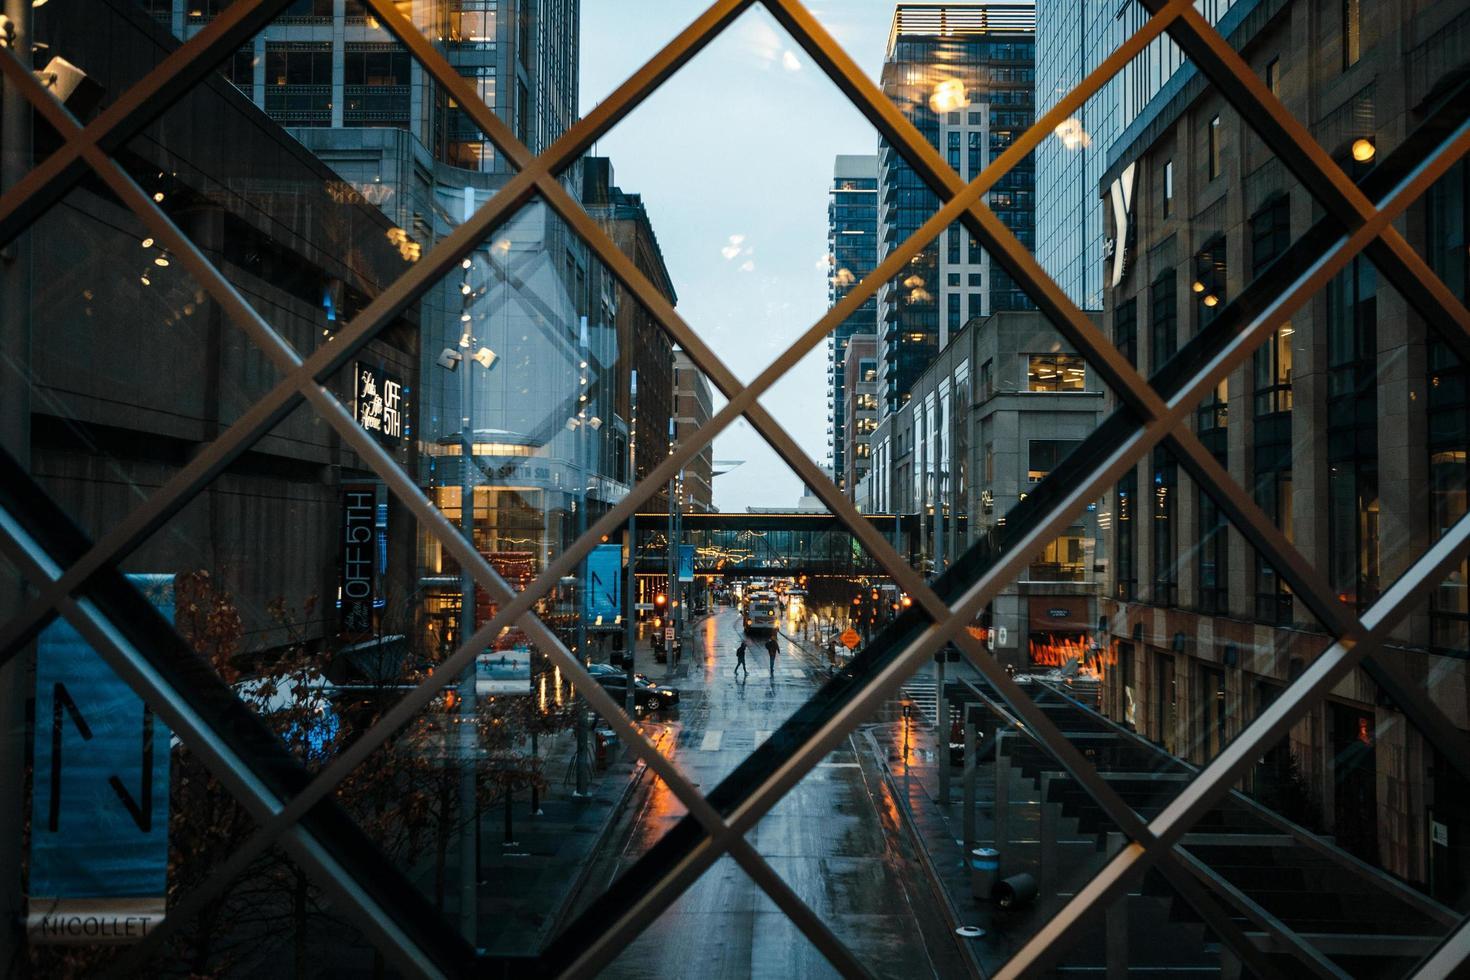 vista del paesaggio urbano dal ponte foto